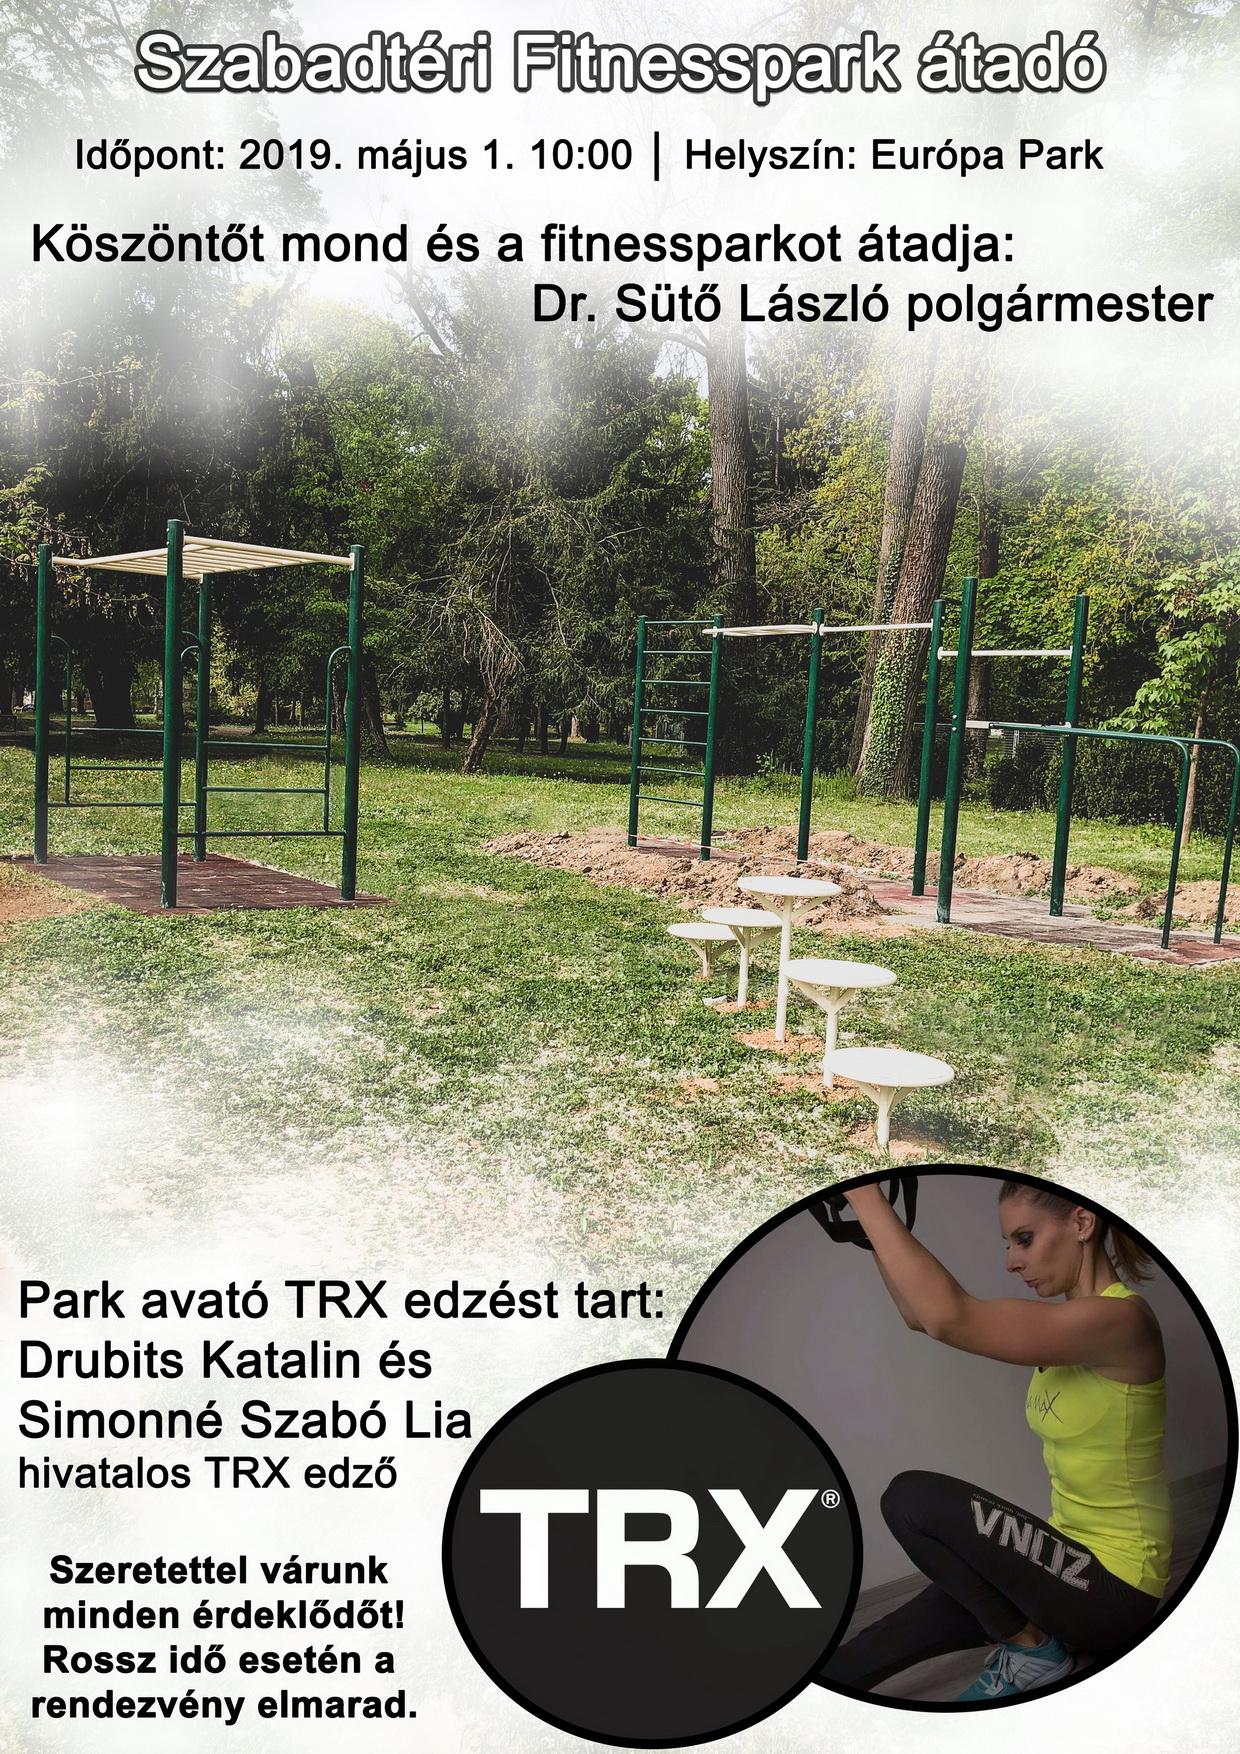 Szabadtéri Fitnesspark átadó